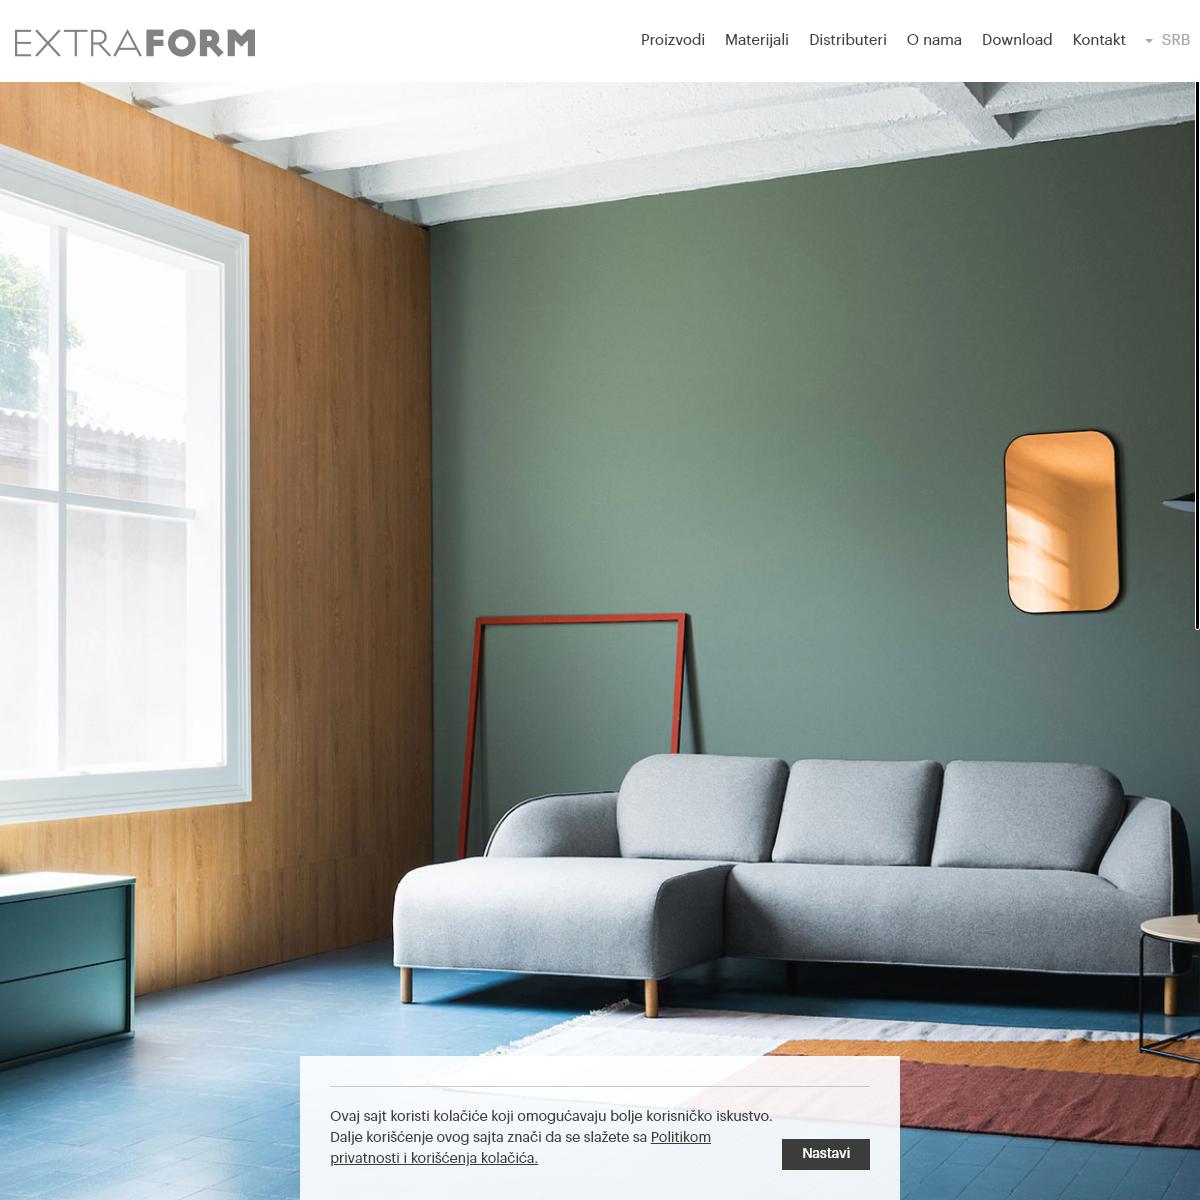 Home - Extraform